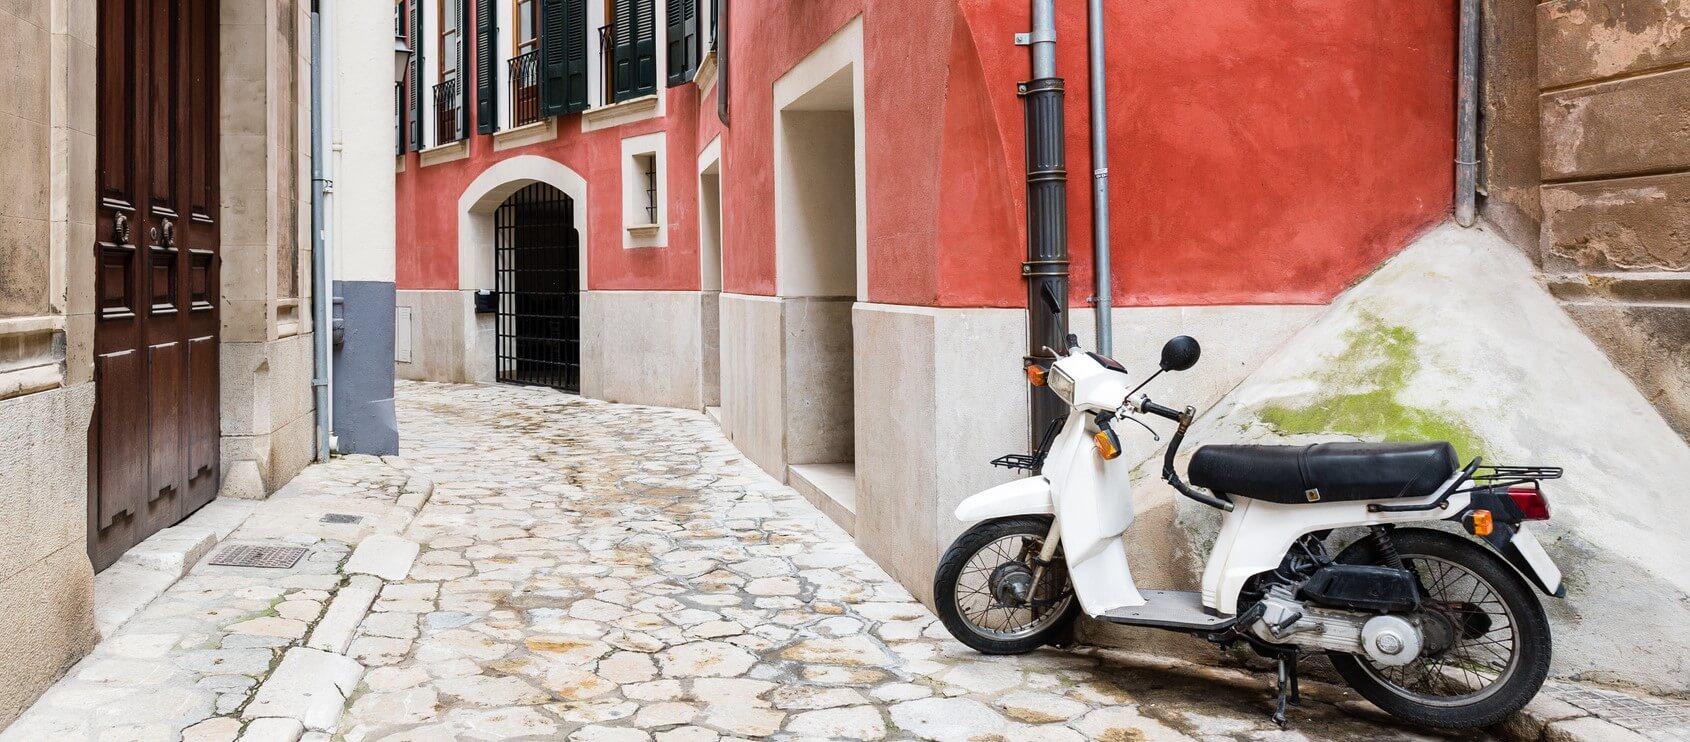 Photographie montrant un scooter stationné à l'entrée d'une ruelle.